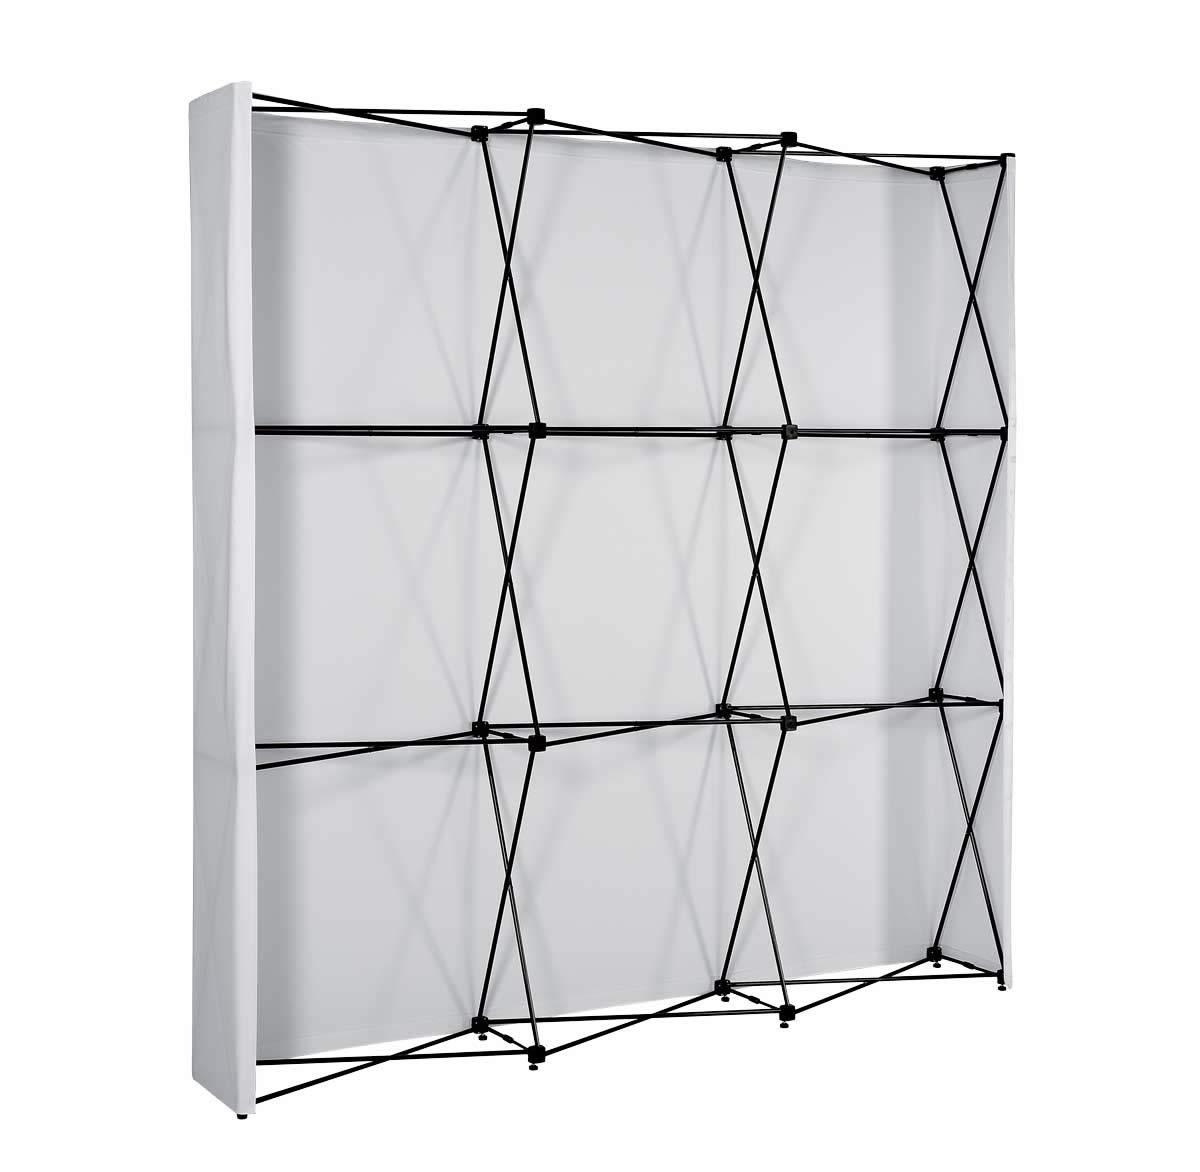 structure du stand parapluie 3x3